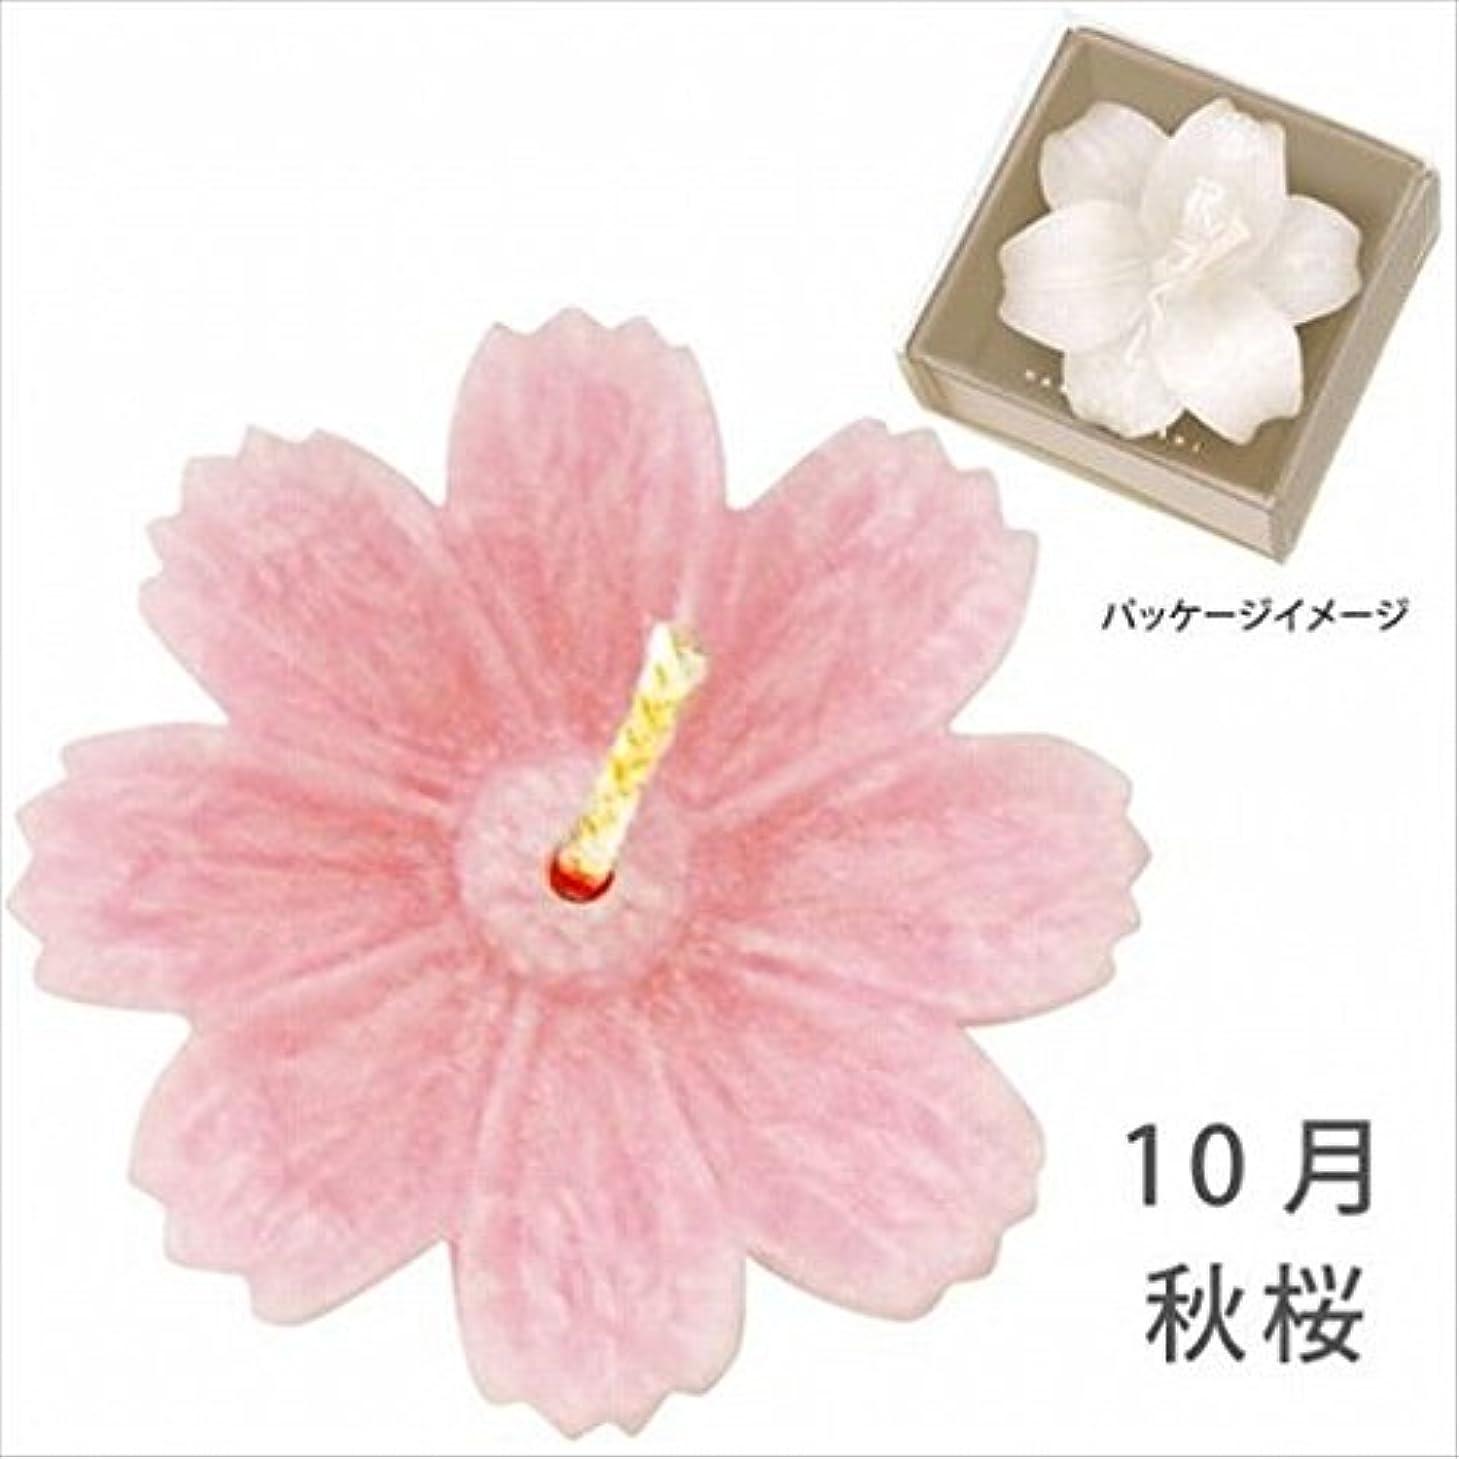 掘るが欲しい予防接種するkameyama candle(カメヤマキャンドル) 花づくし(植物性) 秋桜 「 秋桜(10月) 」 キャンドル(A4620515)